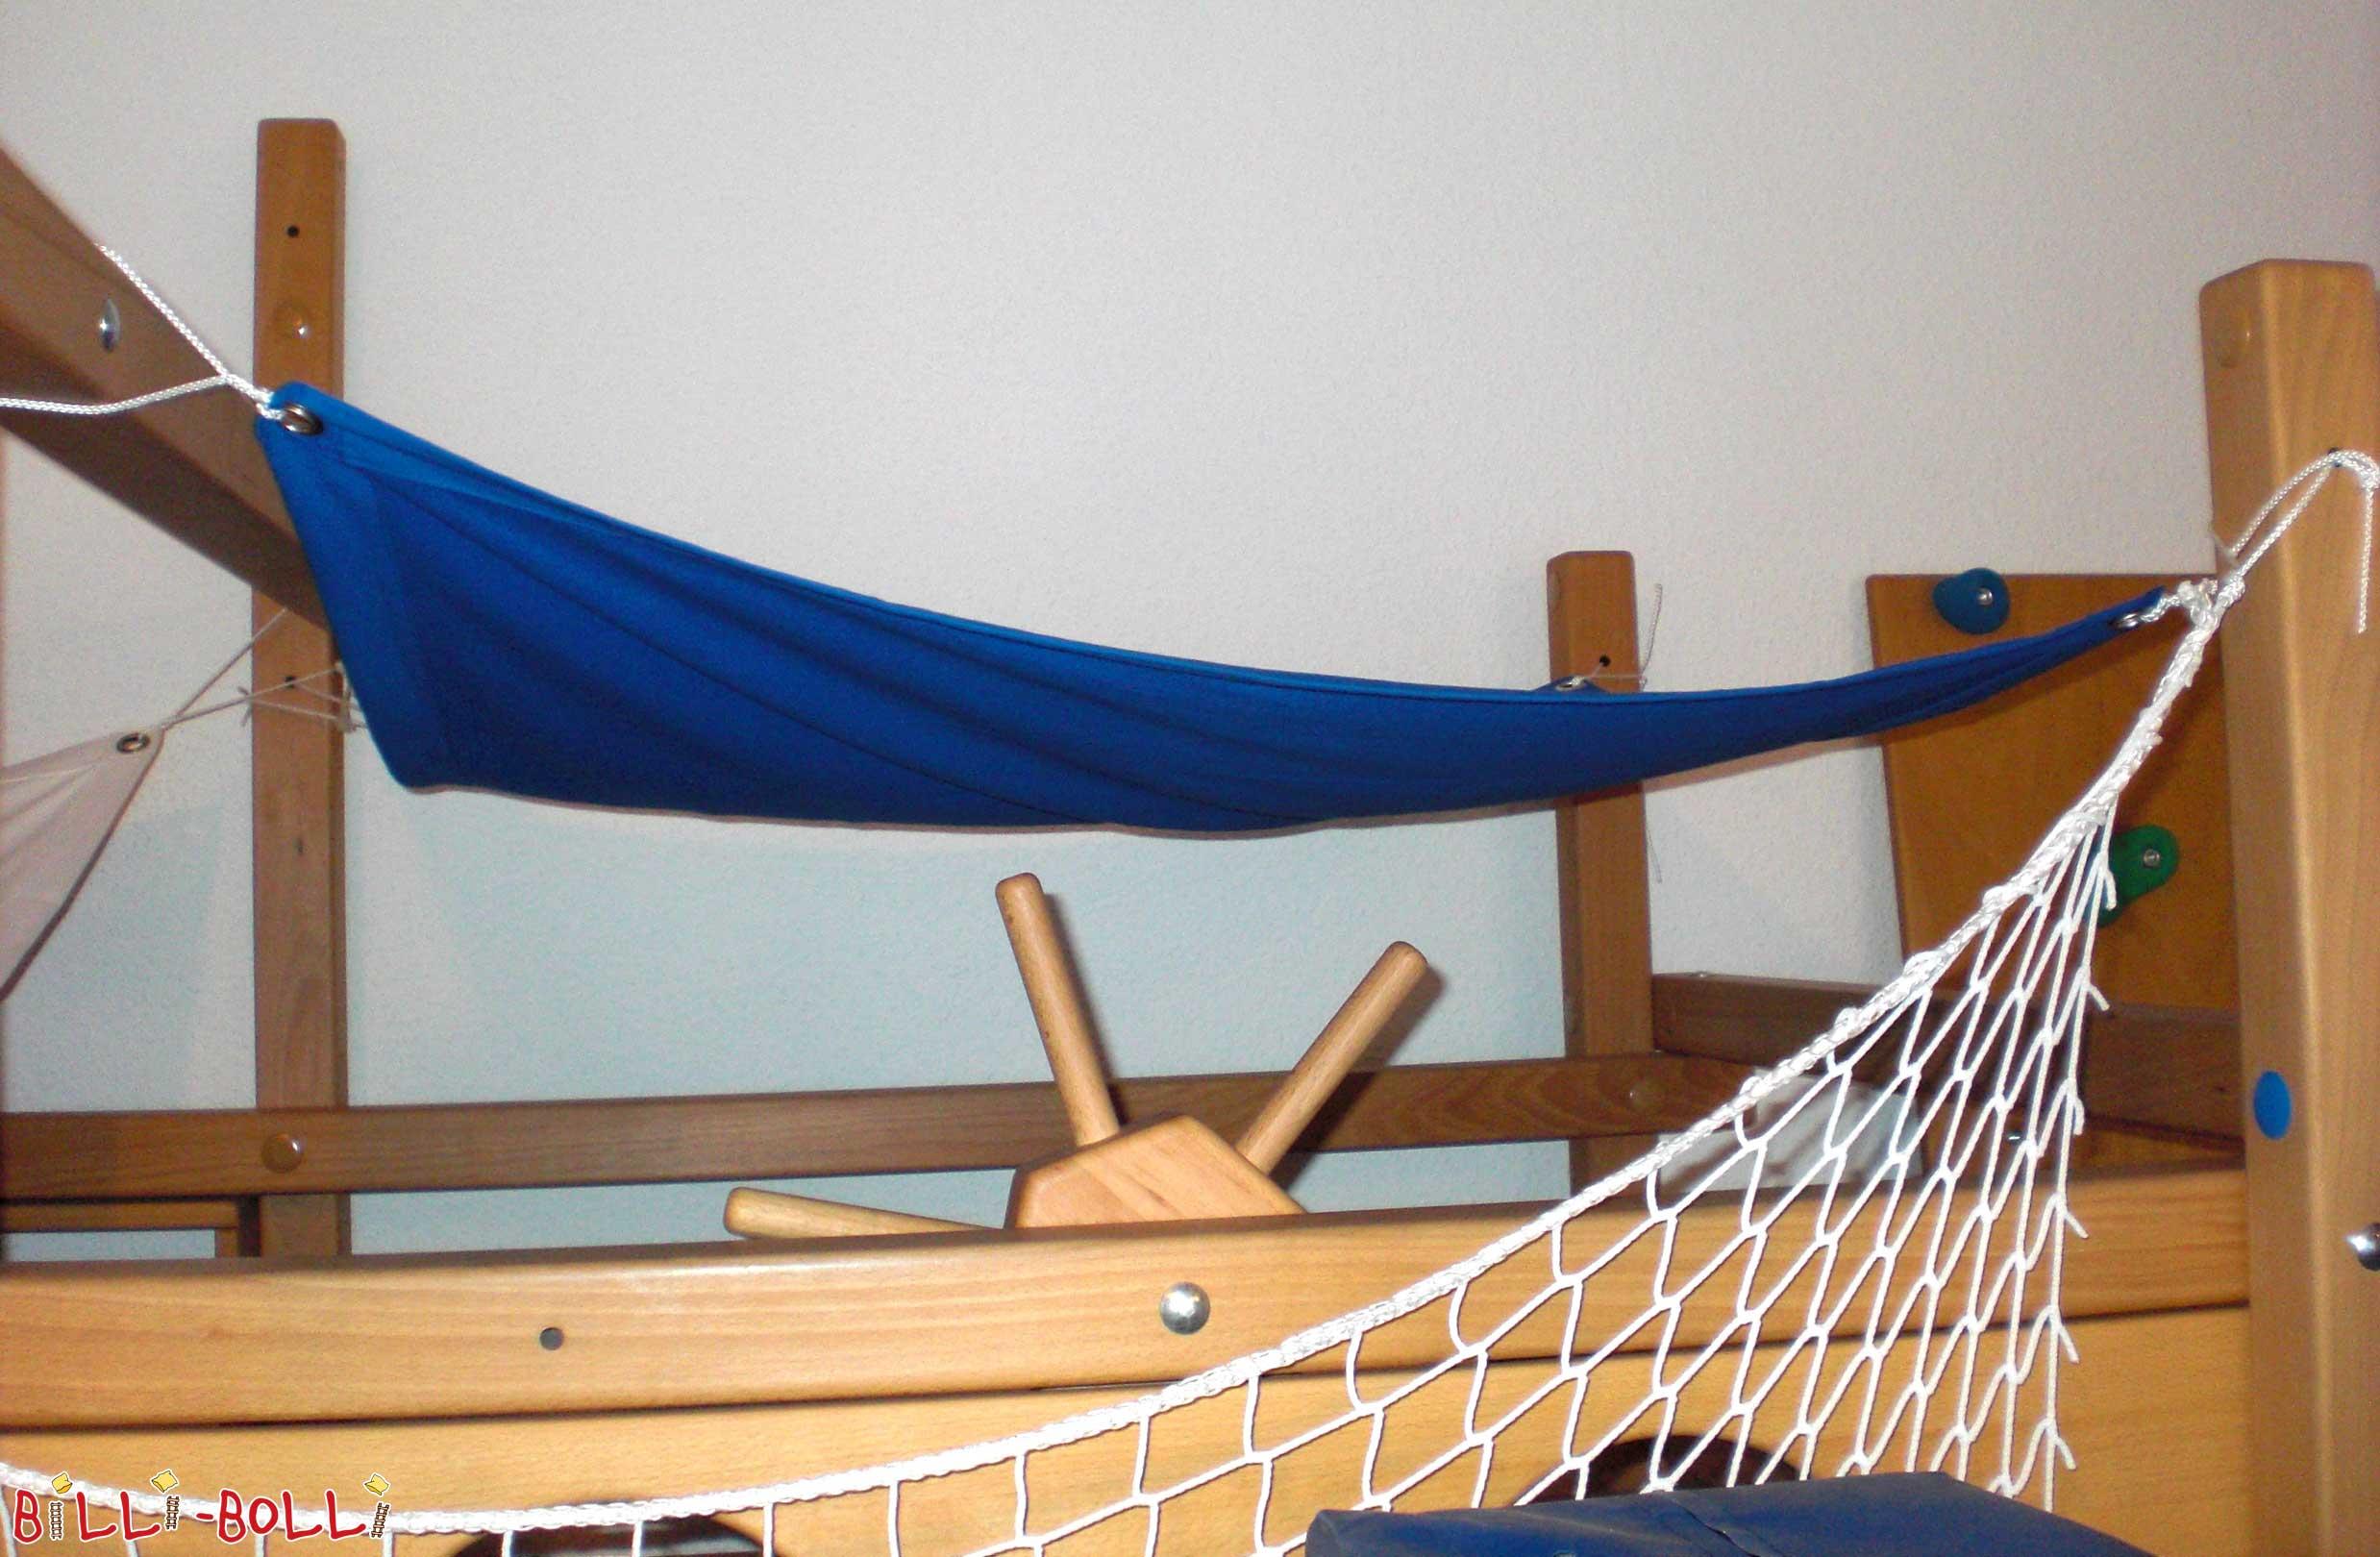 zubeh r billi bolli kinderm bel. Black Bedroom Furniture Sets. Home Design Ideas